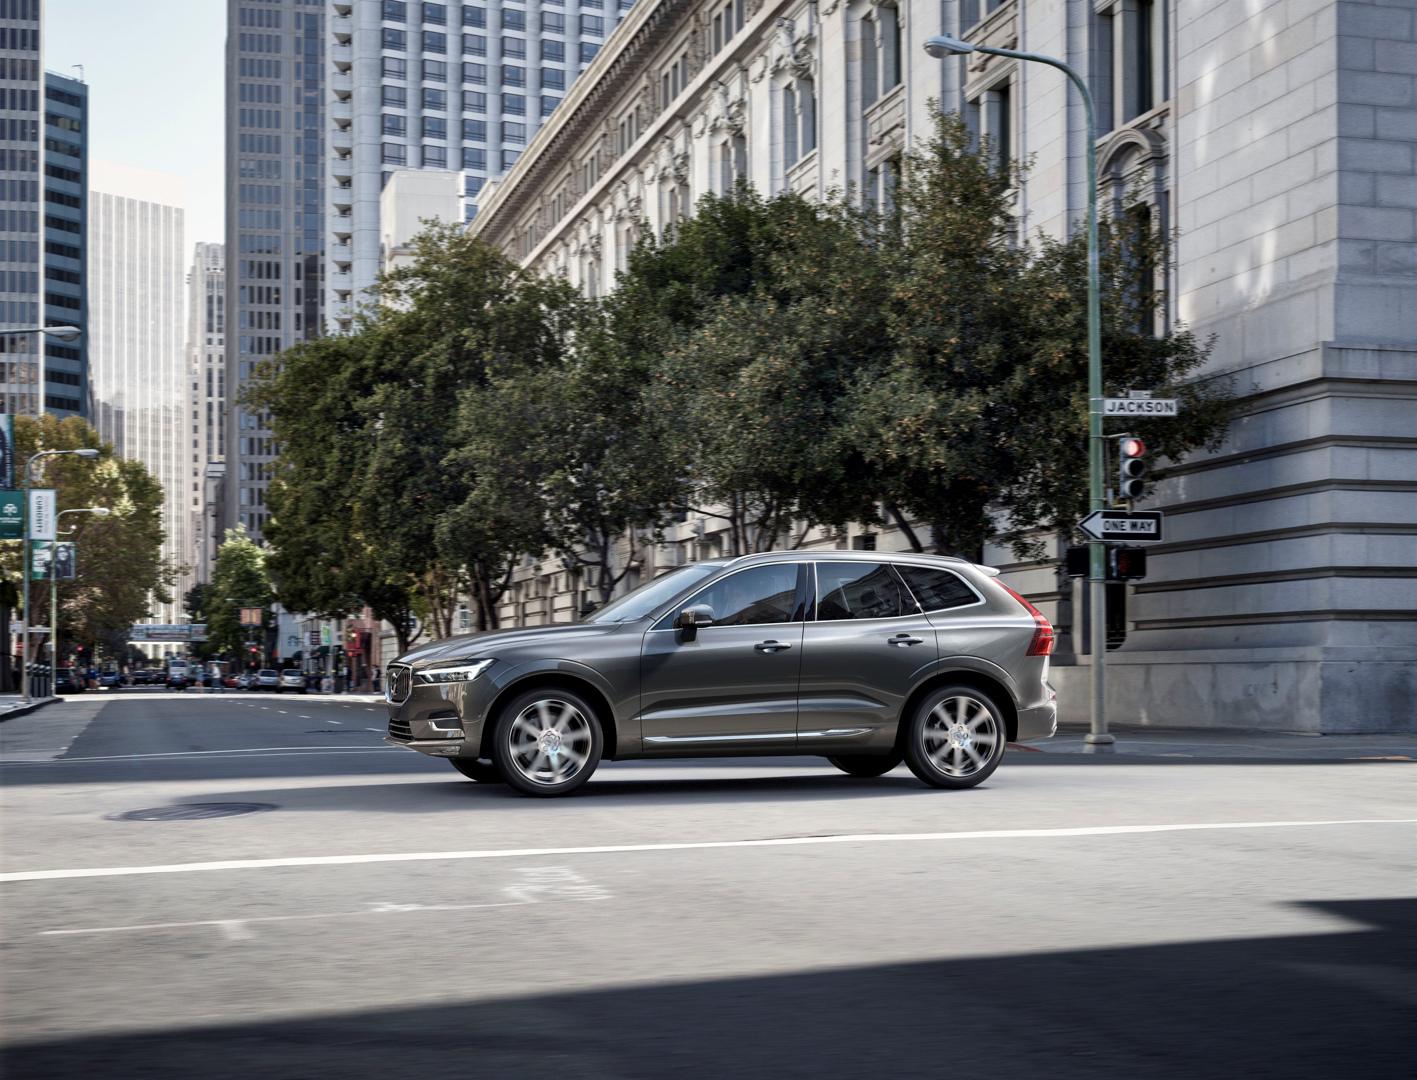 205063_The_new_Volvo_XC60